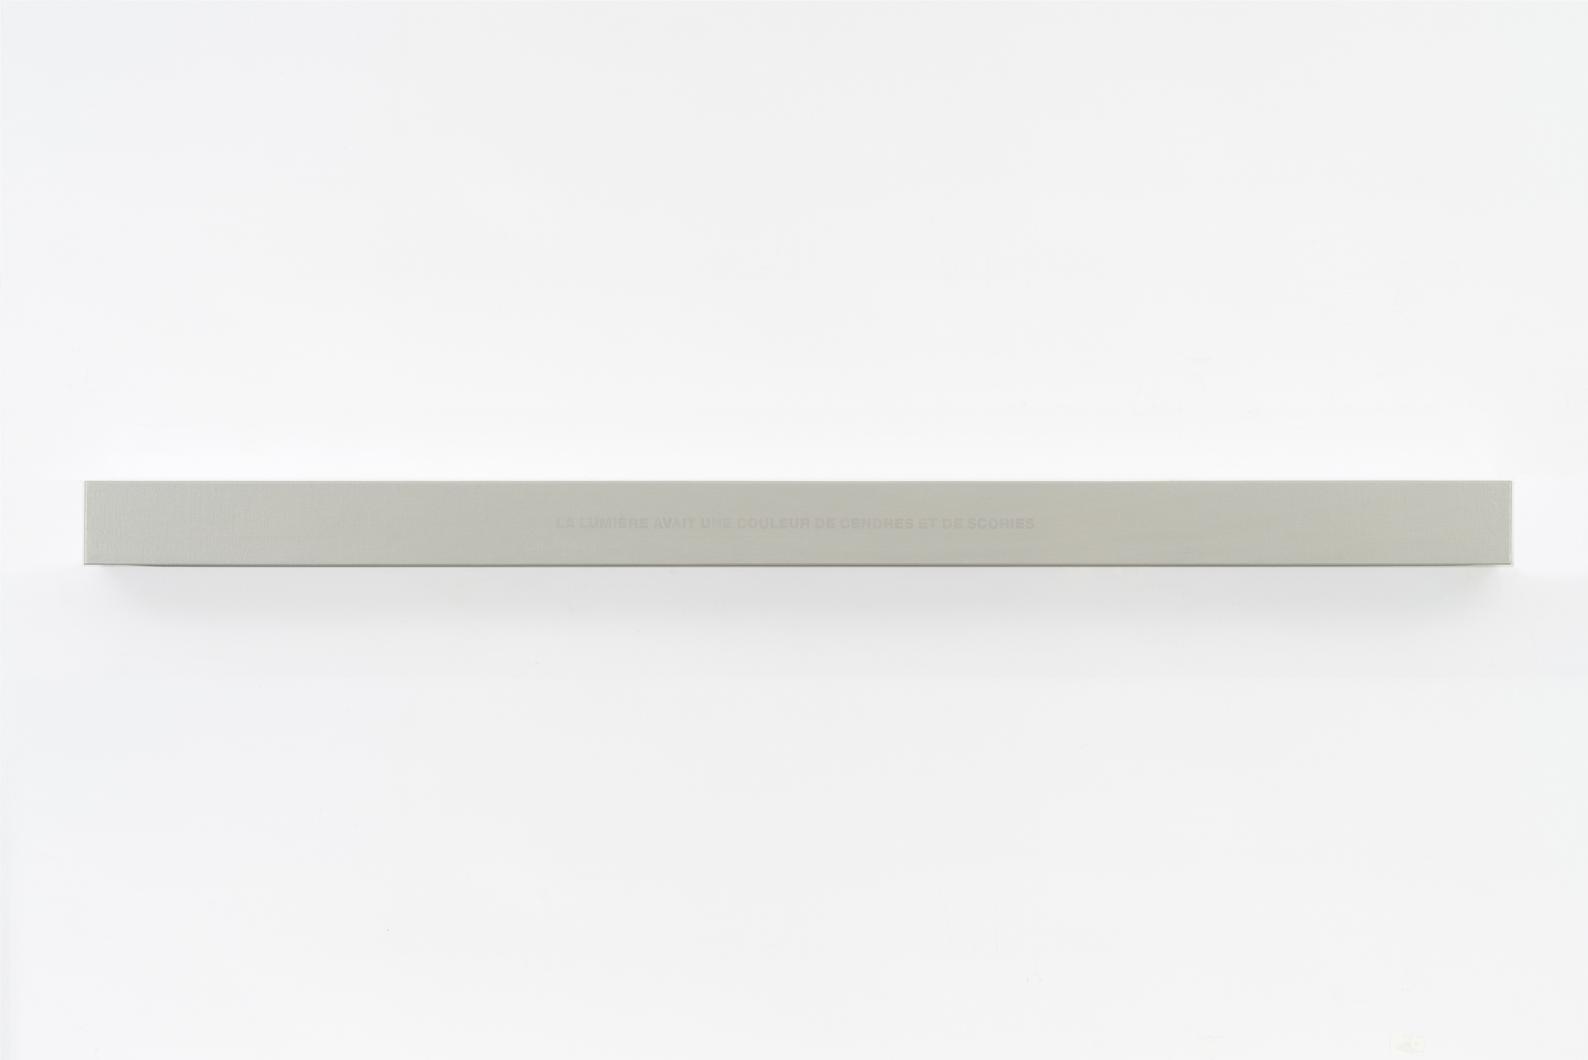 Francine Savard, Lumière couleur de cendres, 2018, Médiums mixtes sur toile marouflée sur caisson de bois, 10,16 × 177,8 × 10,16 cm / 4 x 70 x 4 pouces